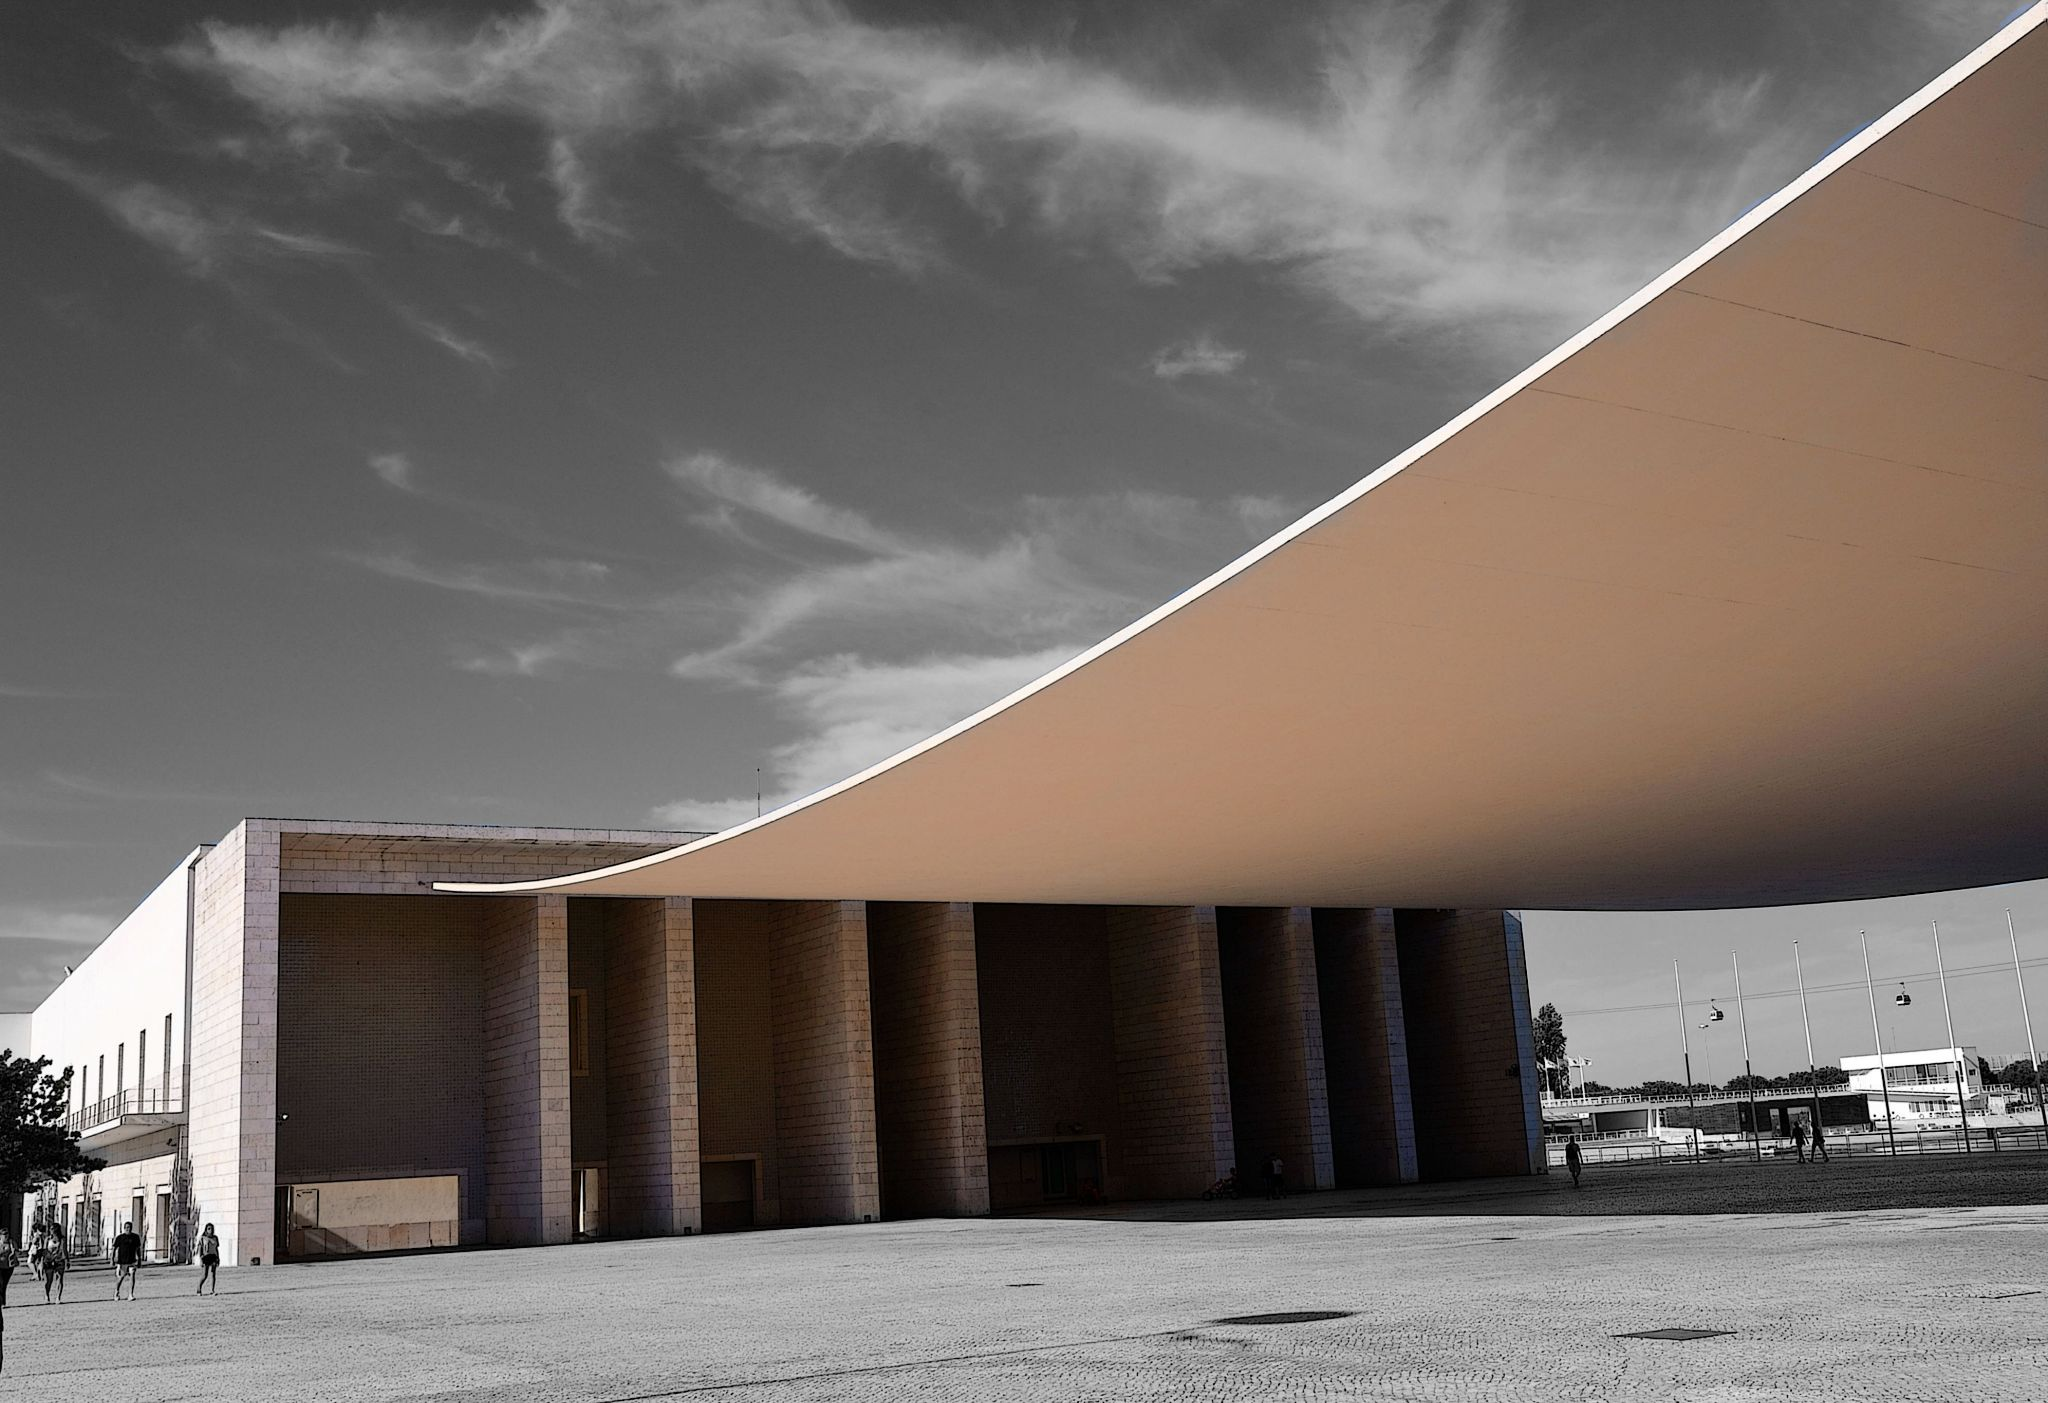 Pala do Pavilhão de Portugal by carlosfiuzar